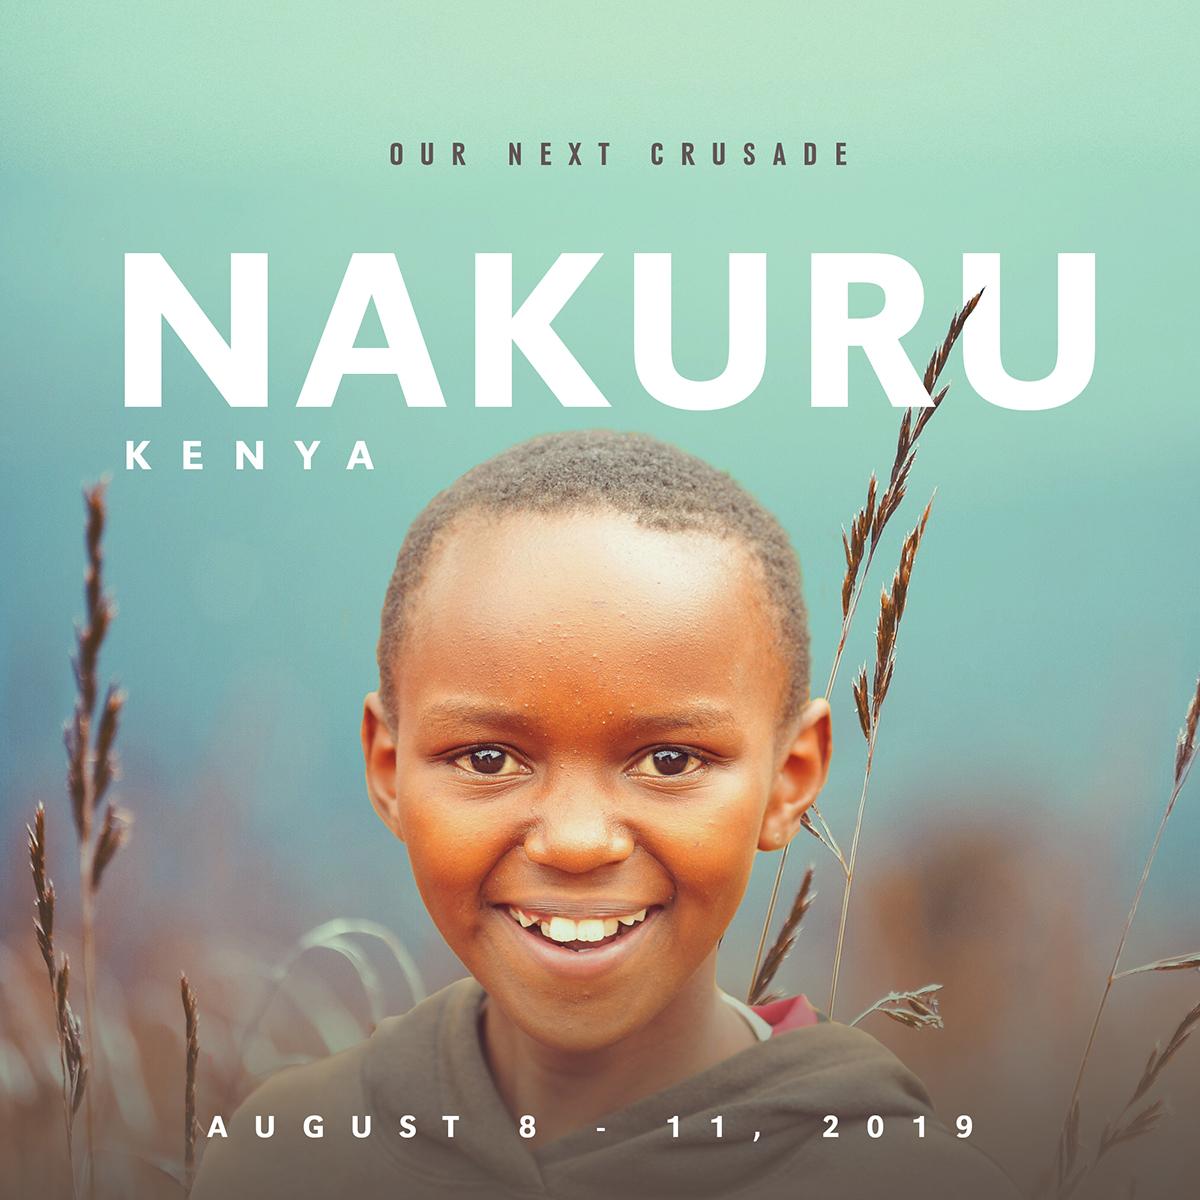 Our Next Crusade Nakuru, Kenya